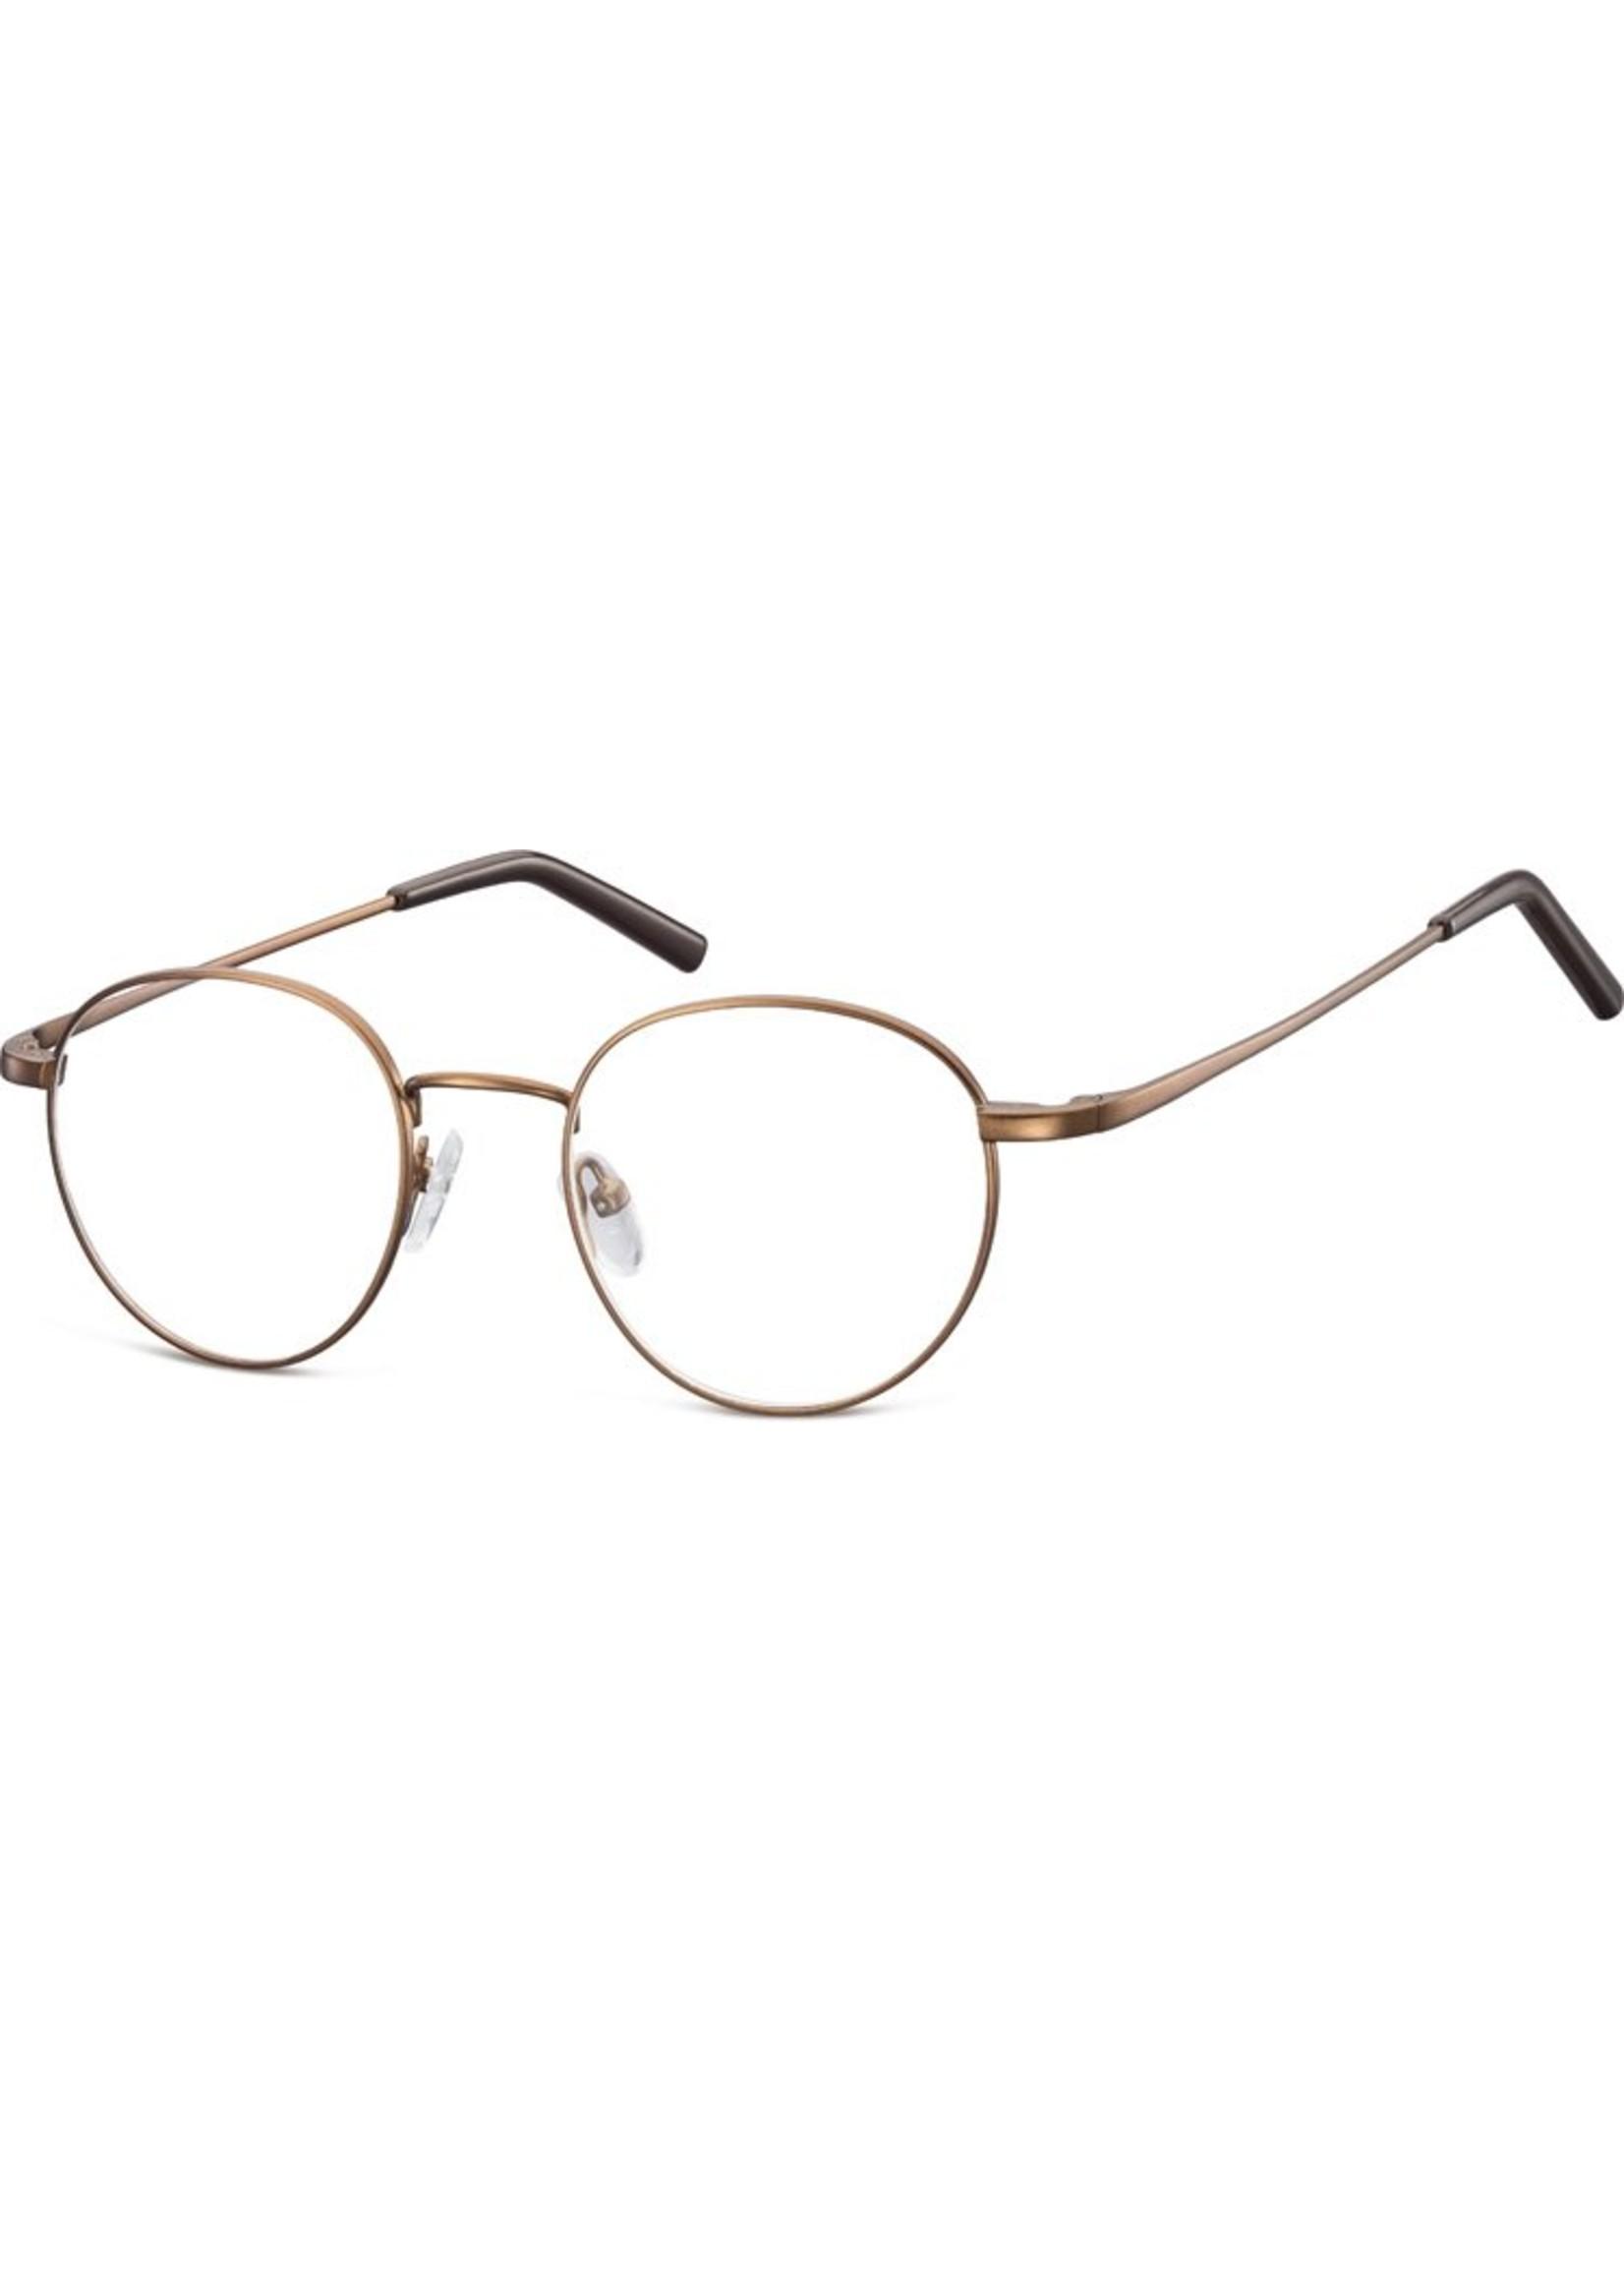 Panto bril Bernie in mat goud met ontspiegelde, kraswerende glazen